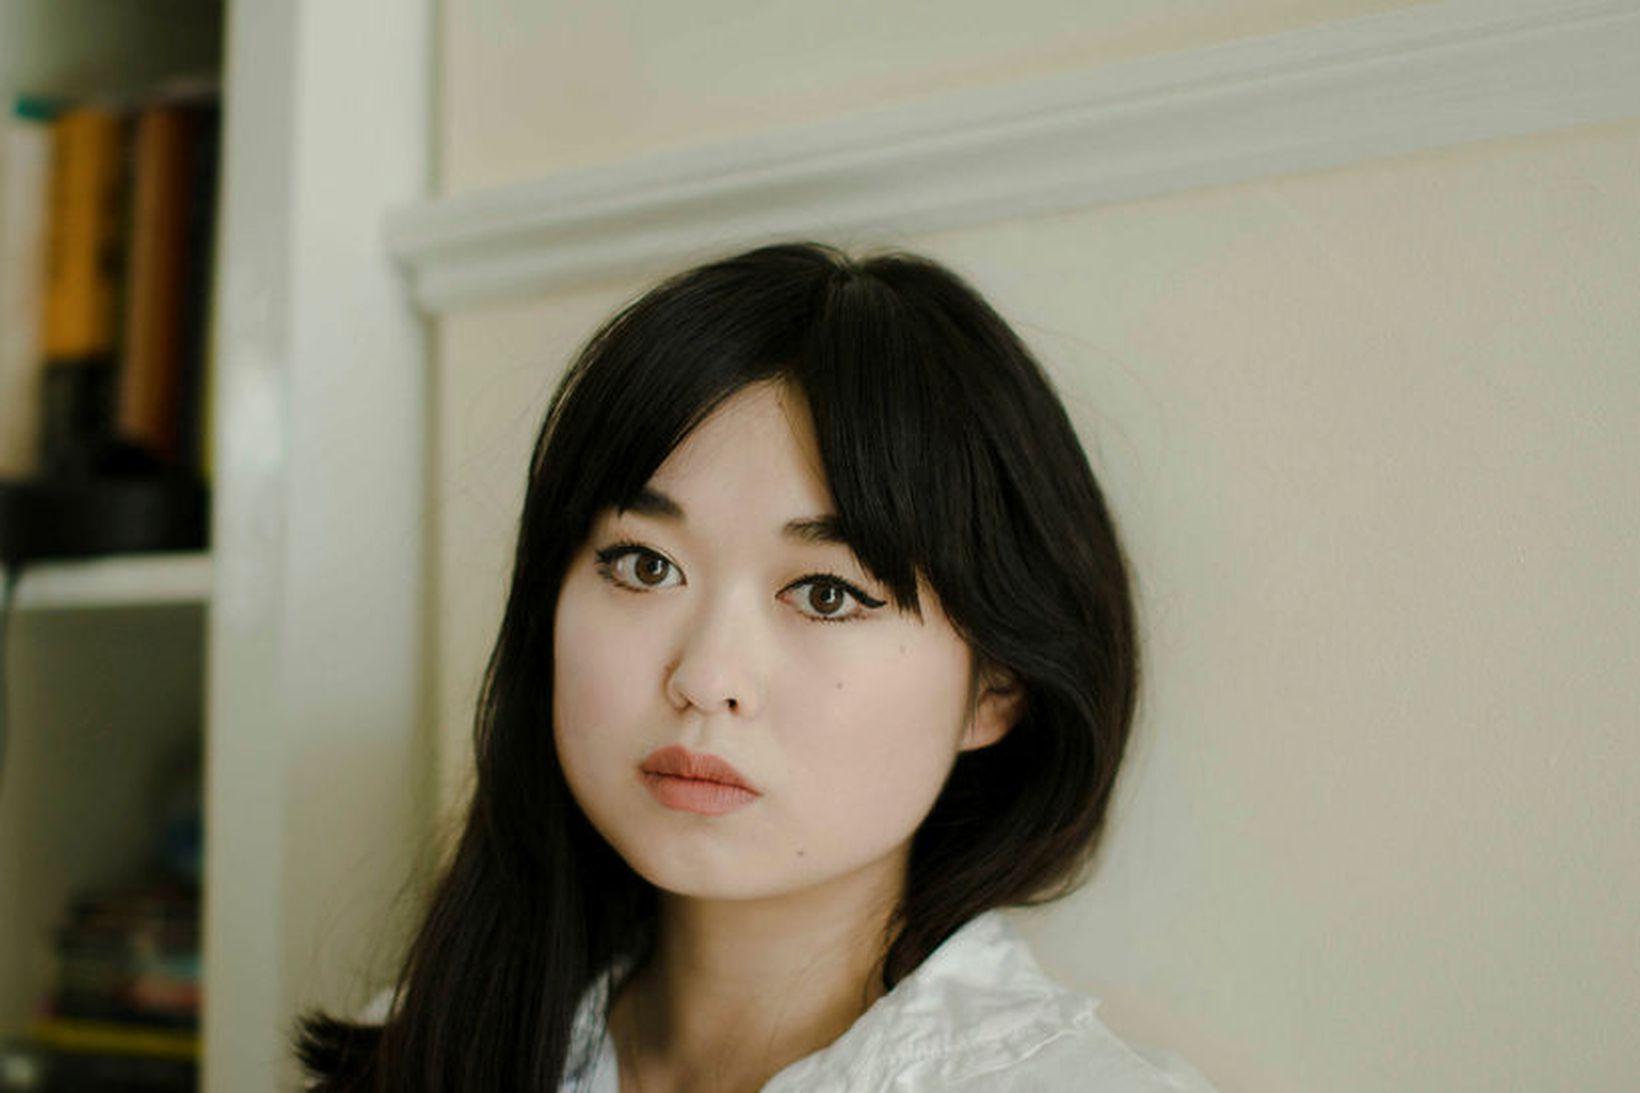 Angela Gui óttast um föður sinn sem ekkert hefur spurst …